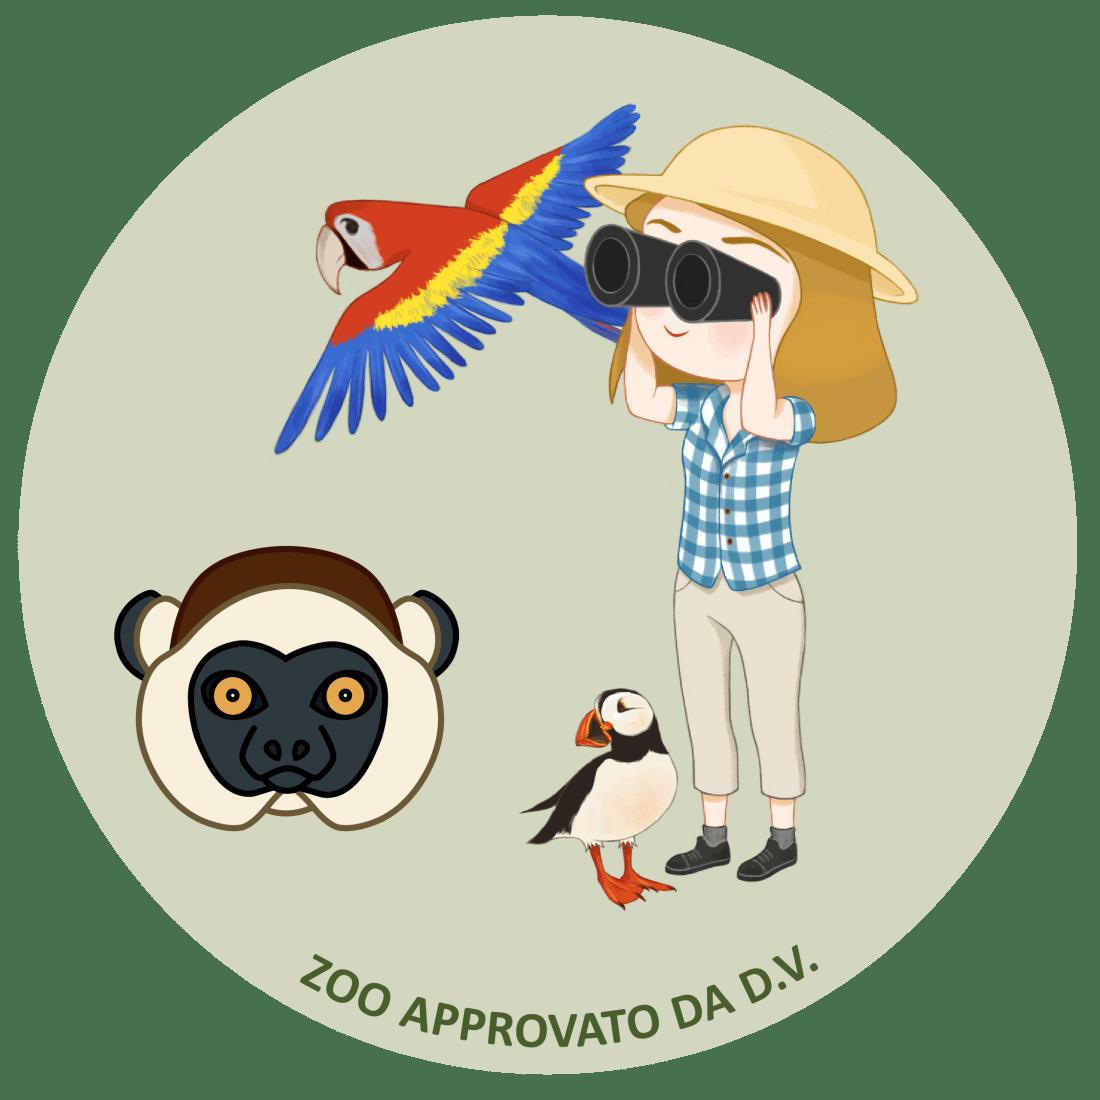 zoo approvato